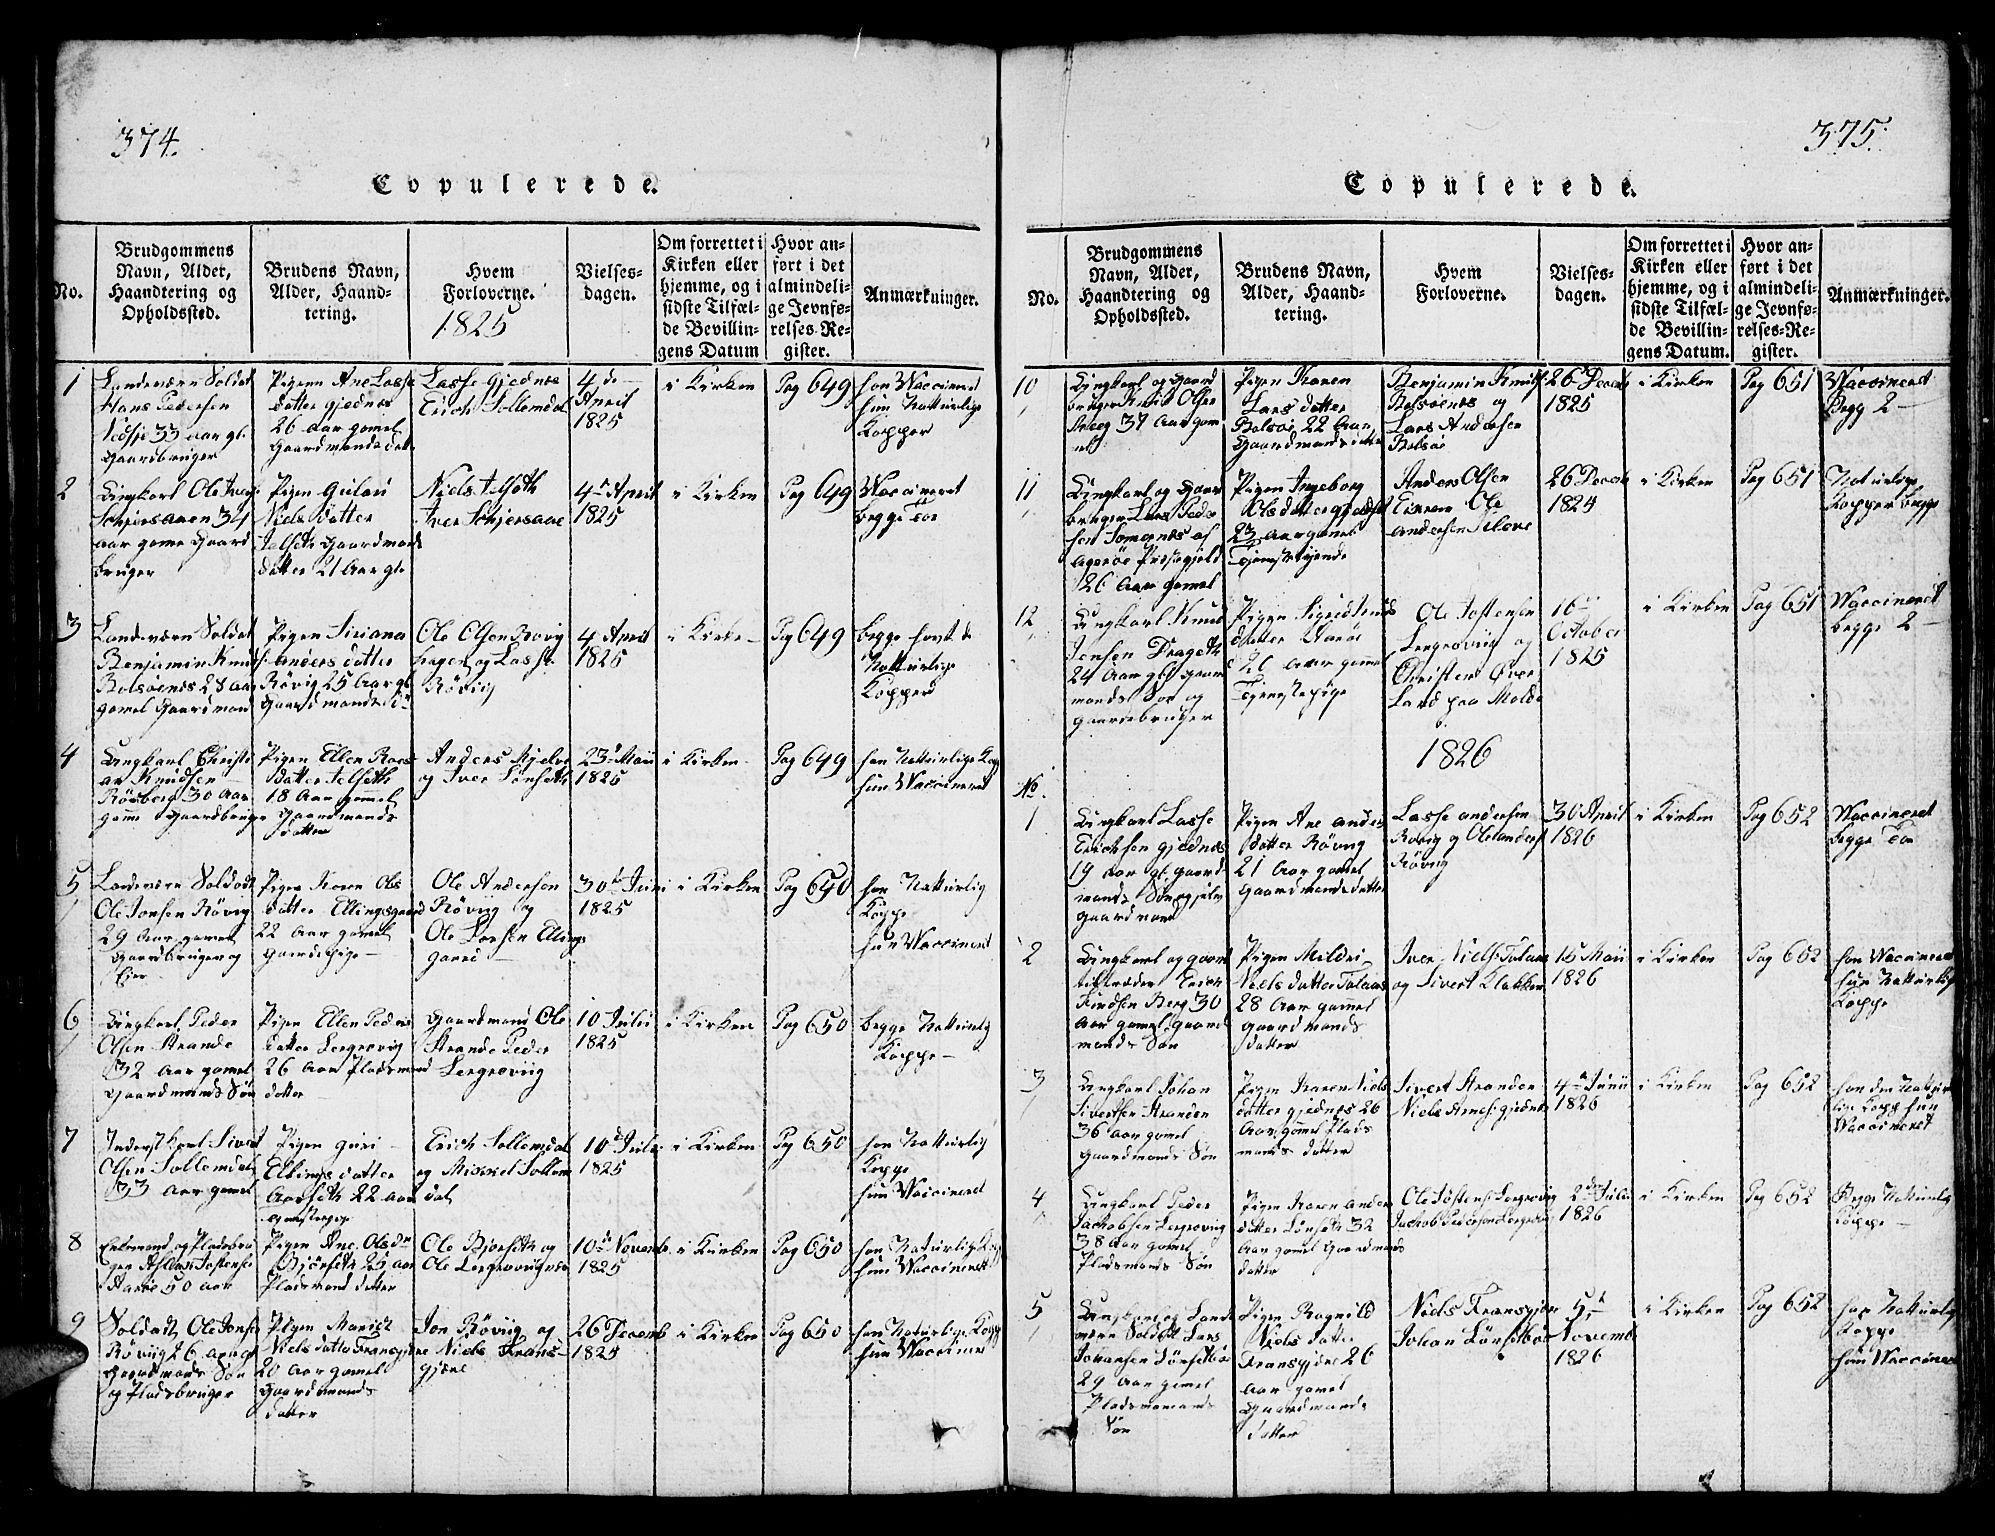 SAT, Ministerialprotokoller, klokkerbøker og fødselsregistre - Møre og Romsdal, 555/L0665: Klokkerbok nr. 555C01, 1818-1868, s. 374-375